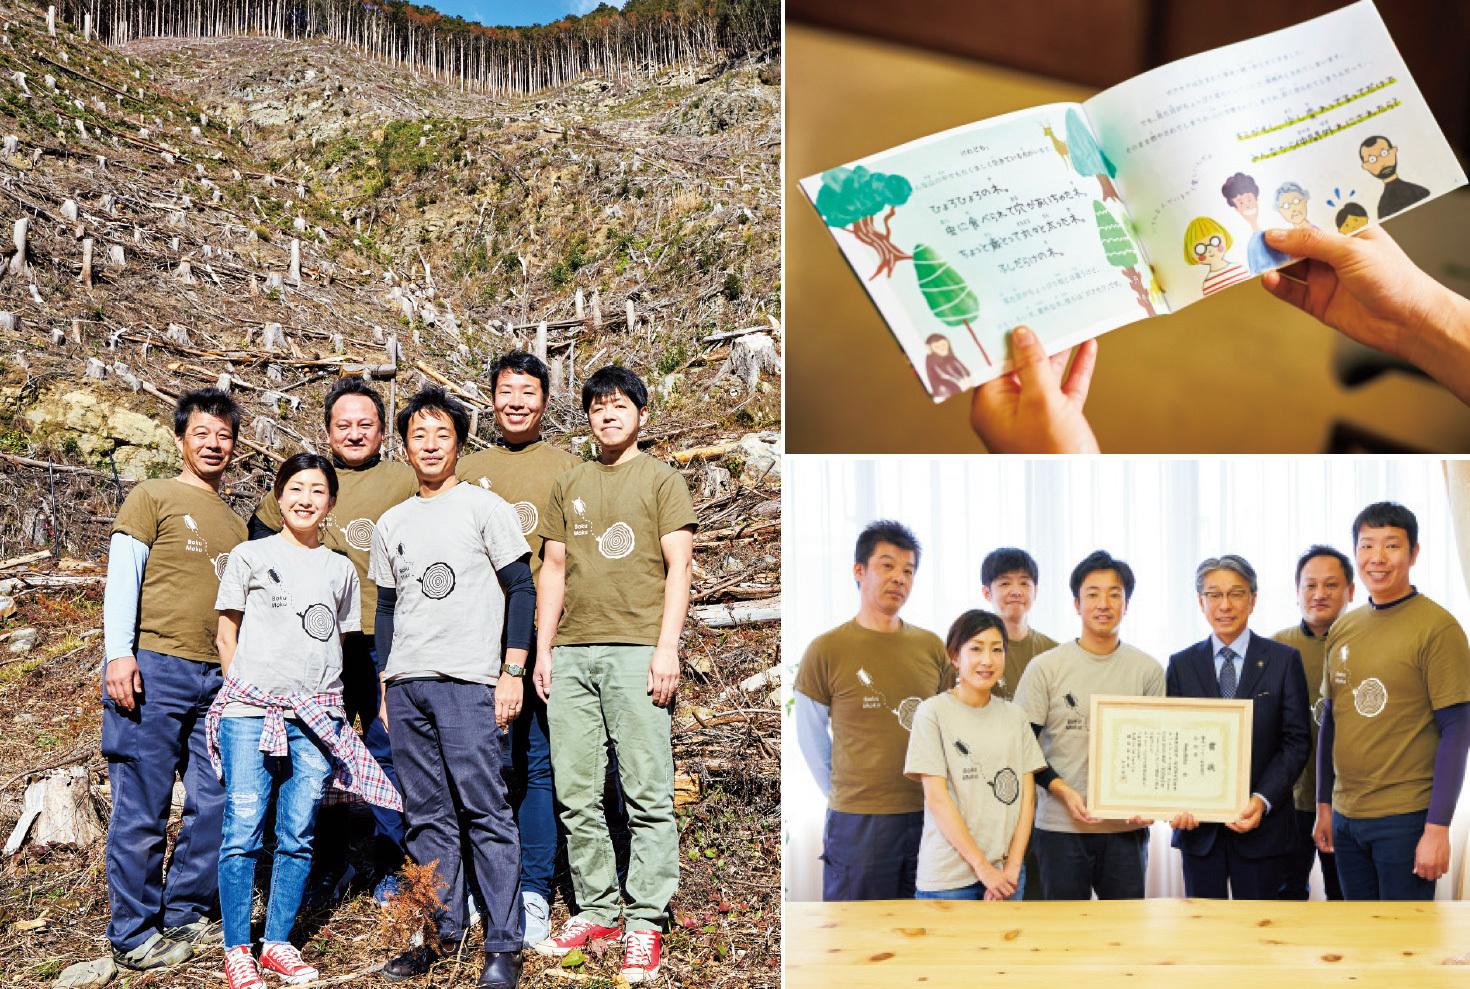 左/これから植林される山に立つ『Boku Moku』メンバー。右上/山の多様性を伝える絵本も製作。右下/田辺市の市長室にもあかね材のテーブルがある。コンクール受賞を市長に報告。